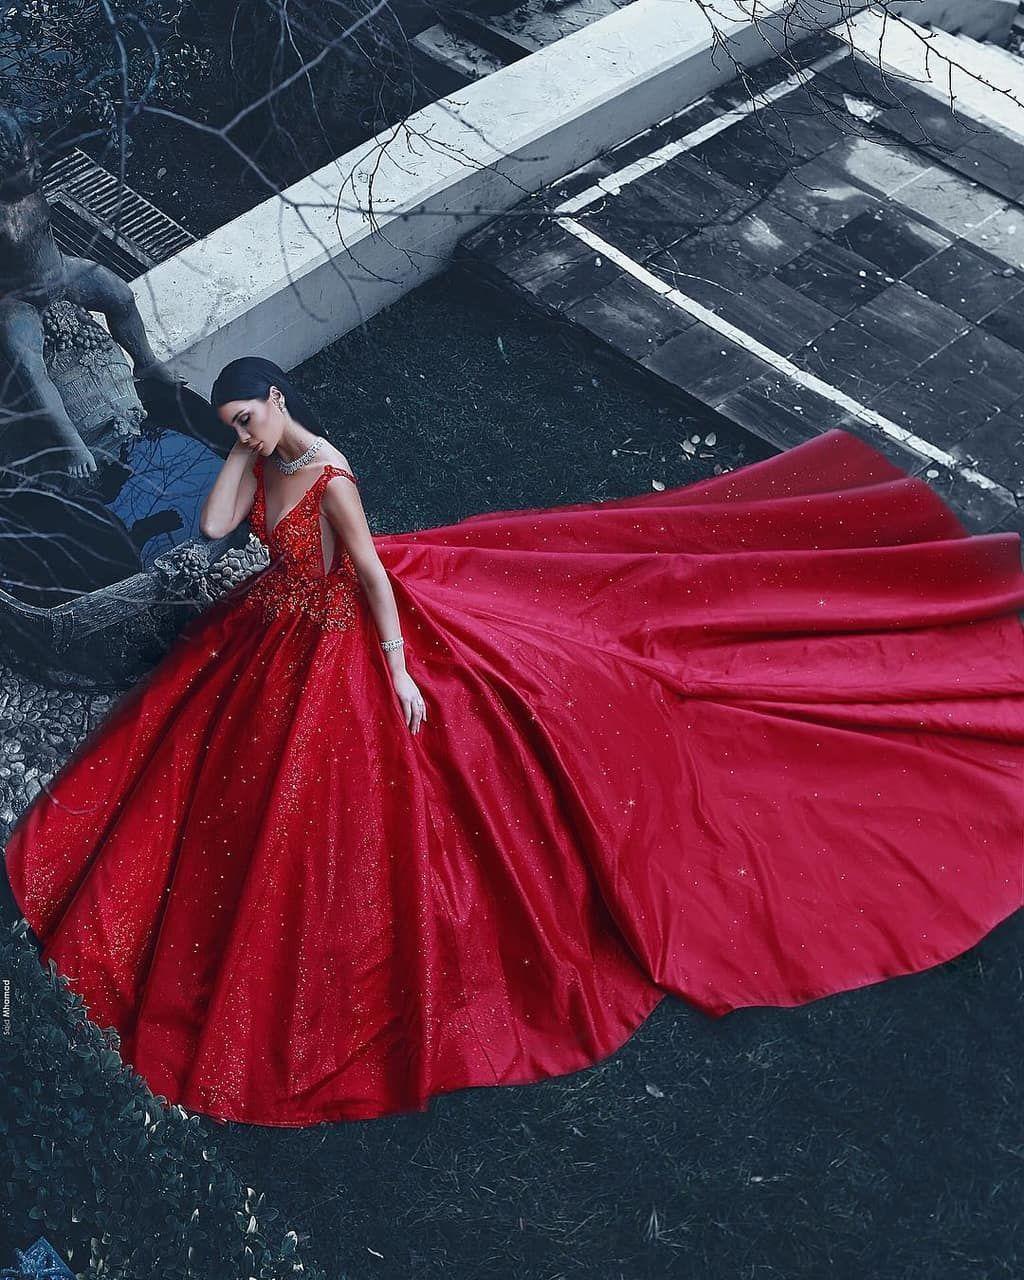 pin von otto von auf gowns & evening dressesaarianna